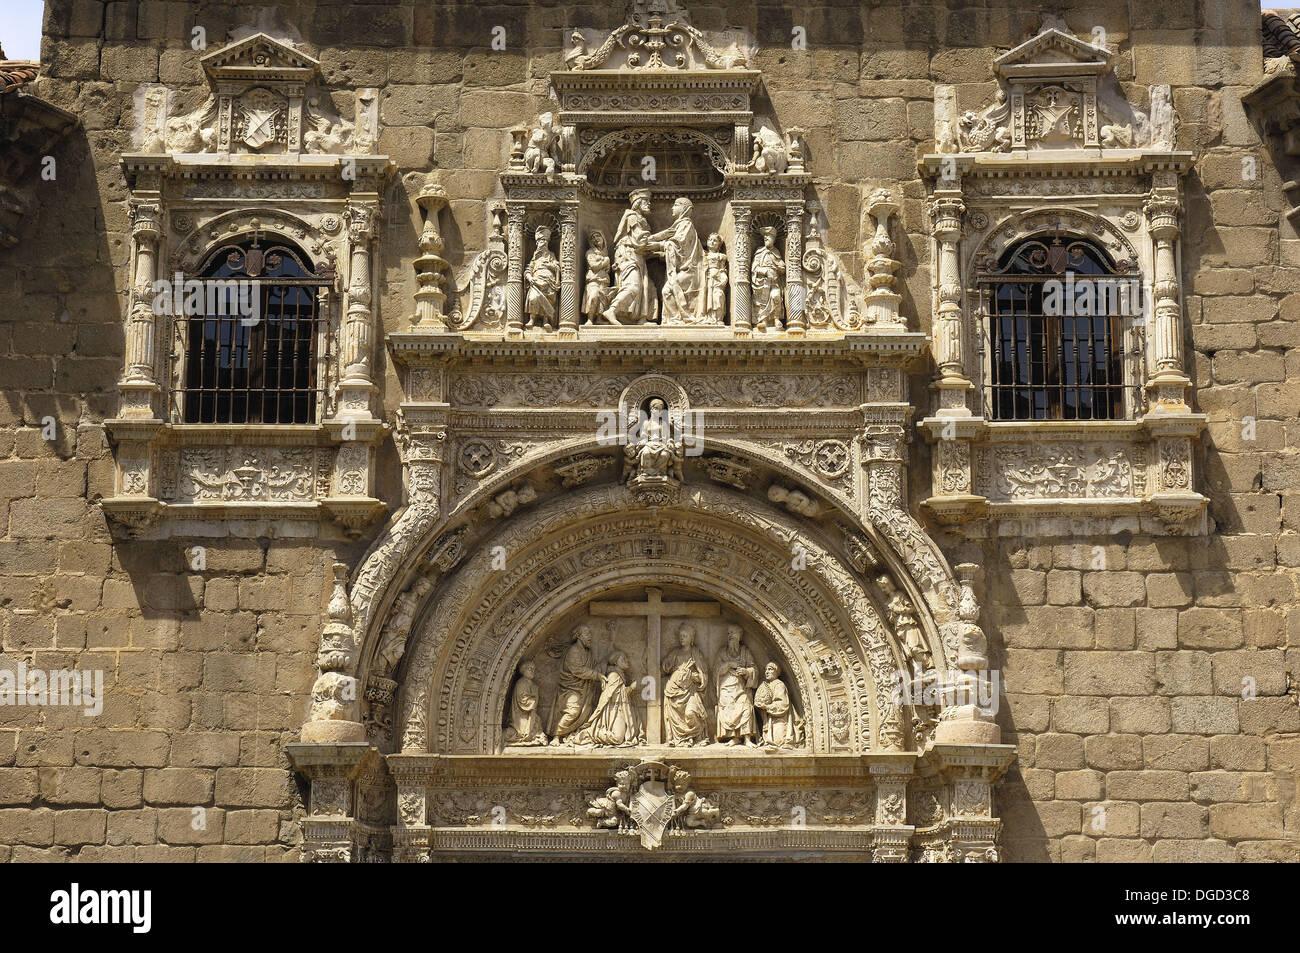 Museo De Santa Cruz.Museo De Santa Cruz Founded By Cardinal Pedro Gonzalez De Mendoza